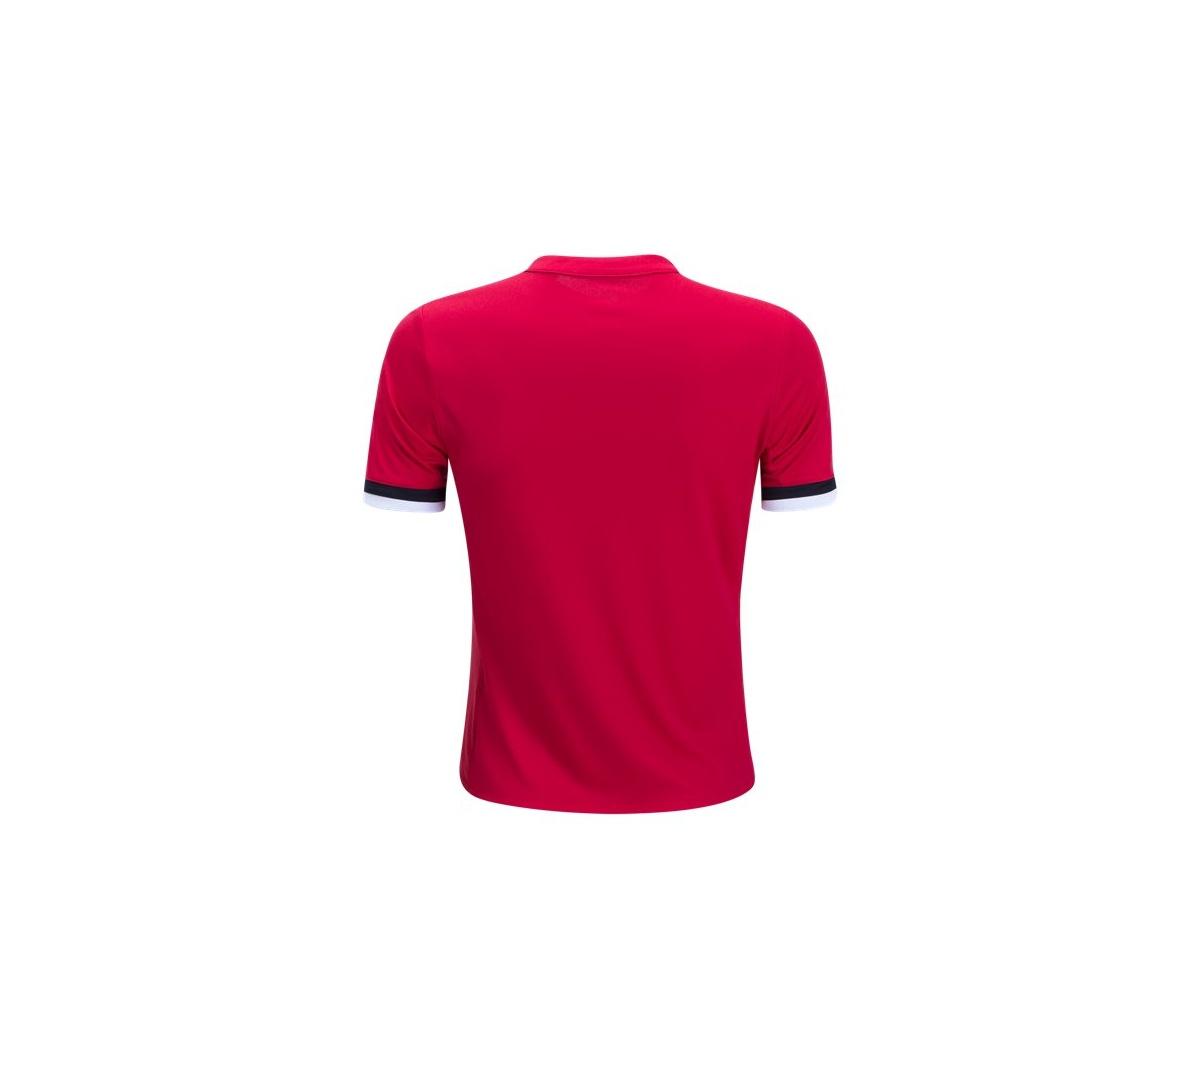 Camisa Manchester United I Adidas 17/18 Infantil